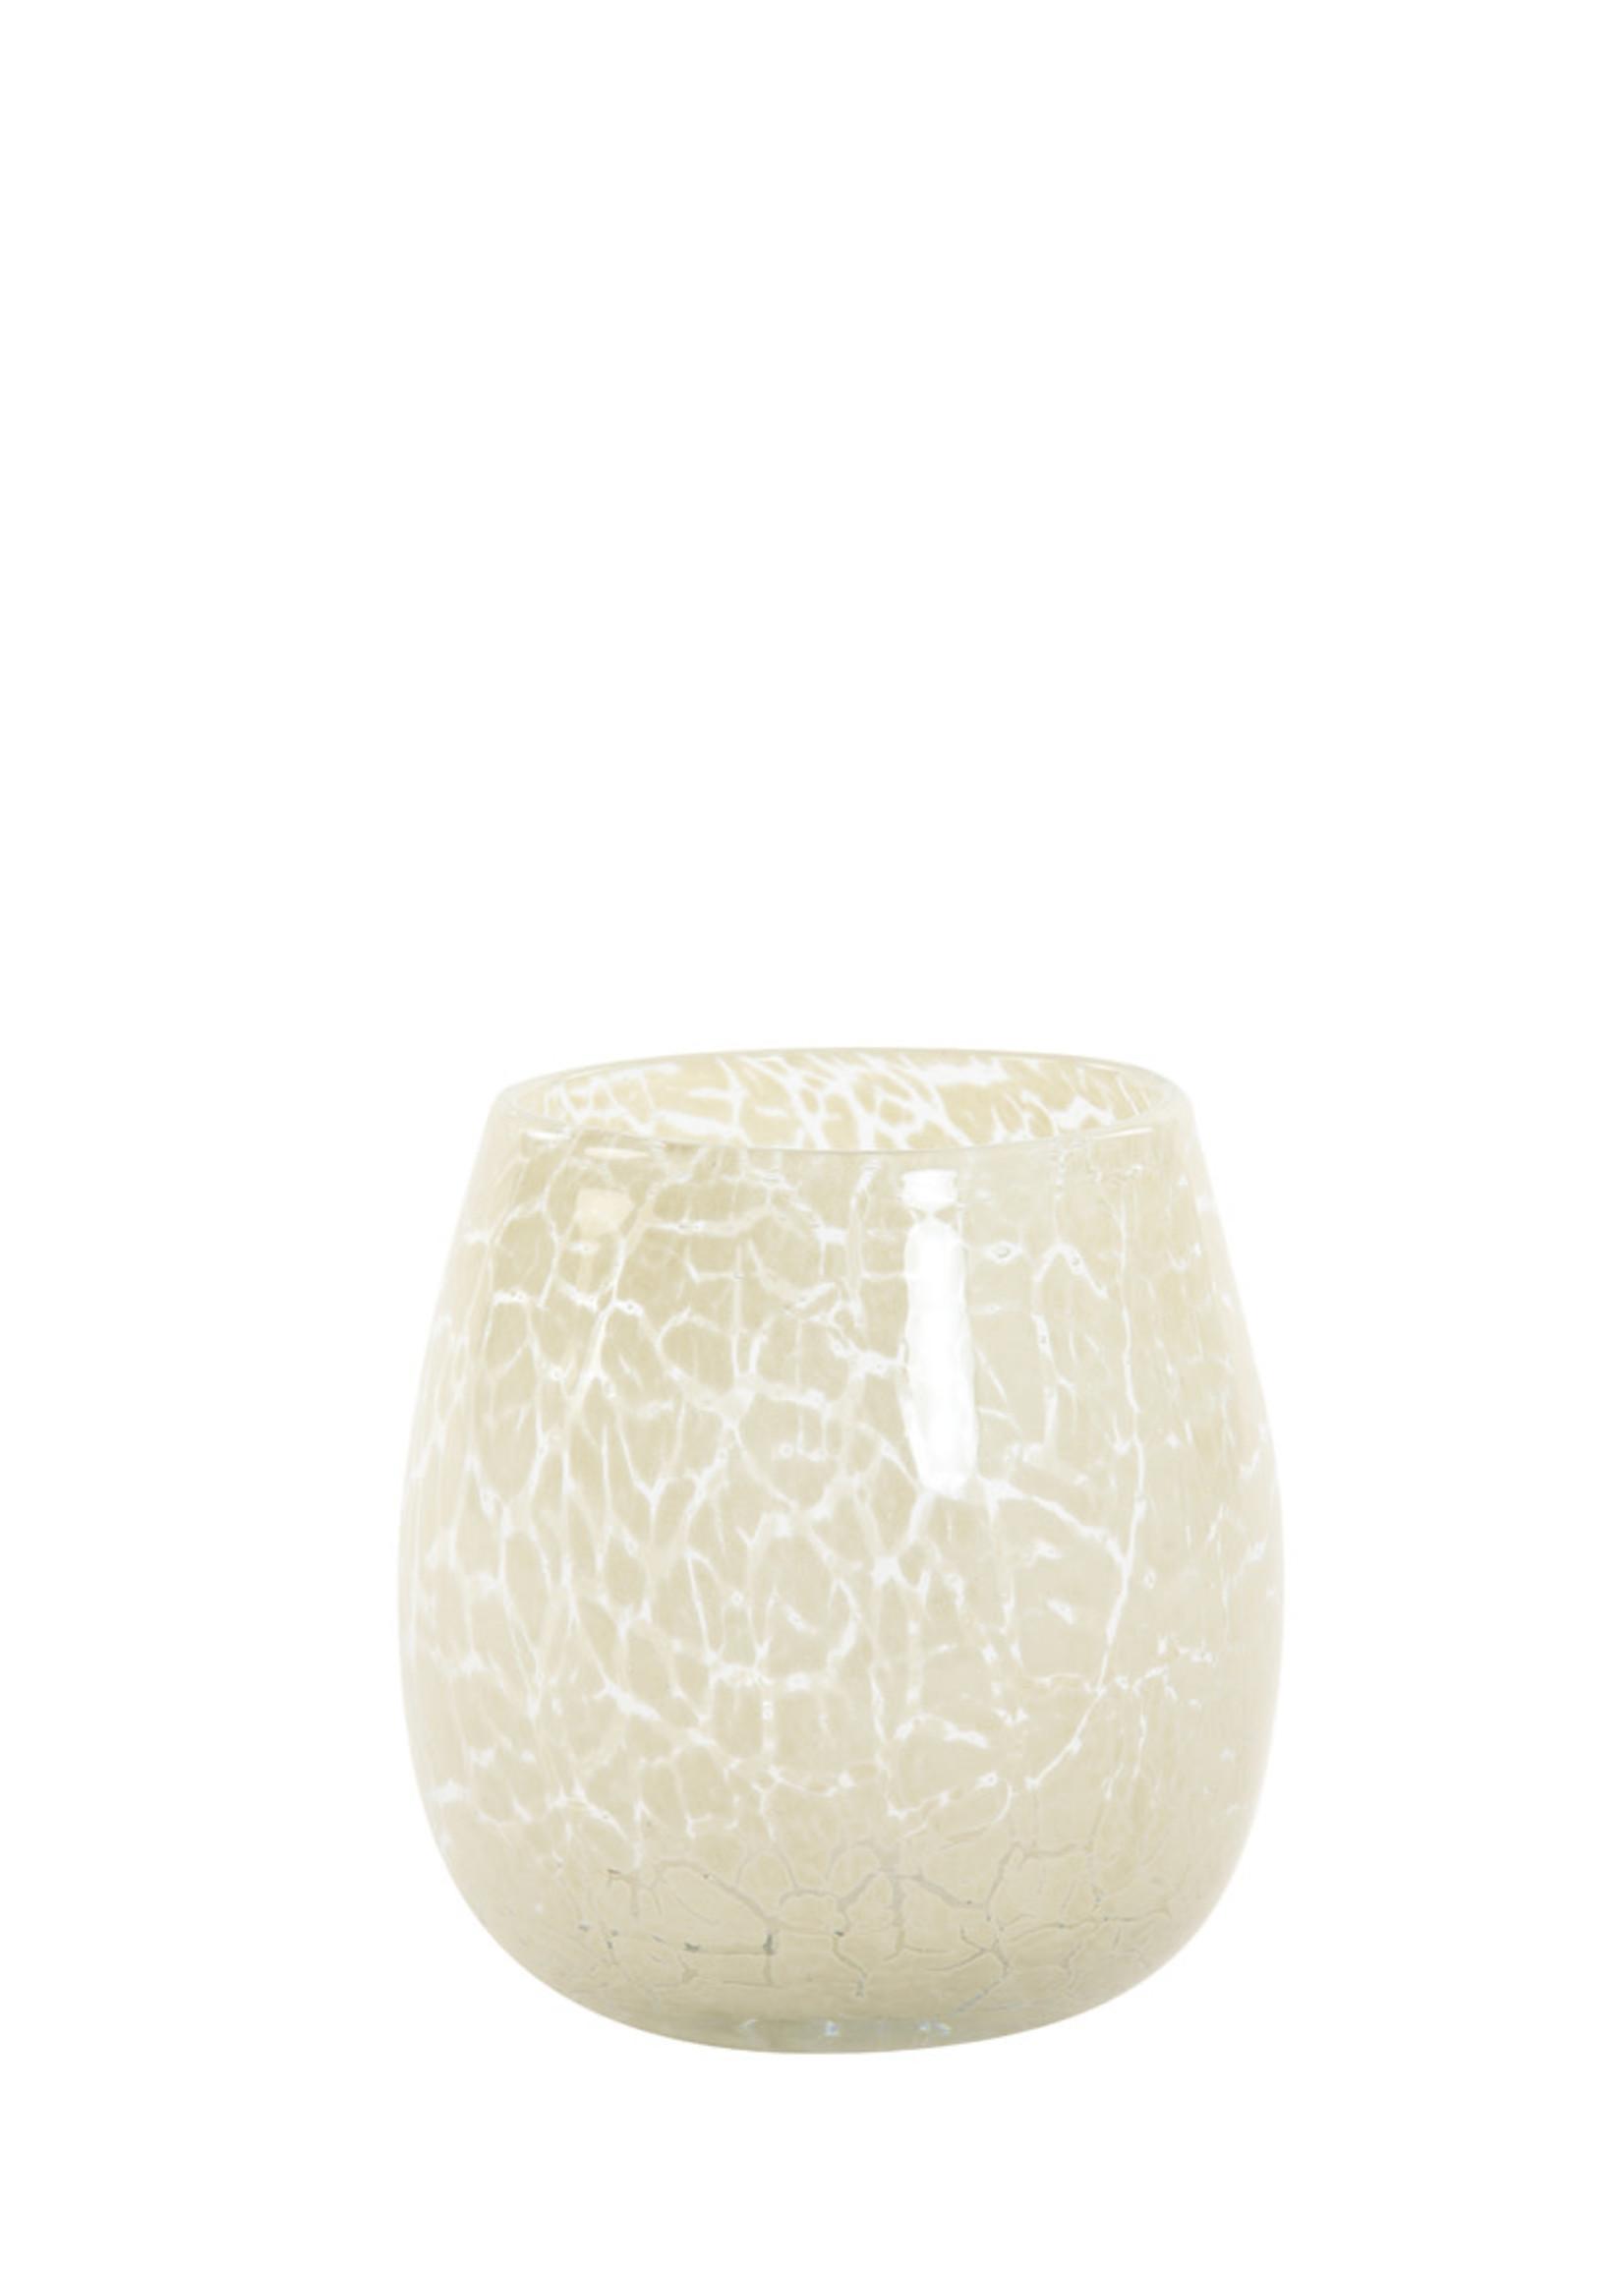 Light & Living Theelicht Ø13x14 cm SYLAS glas beige